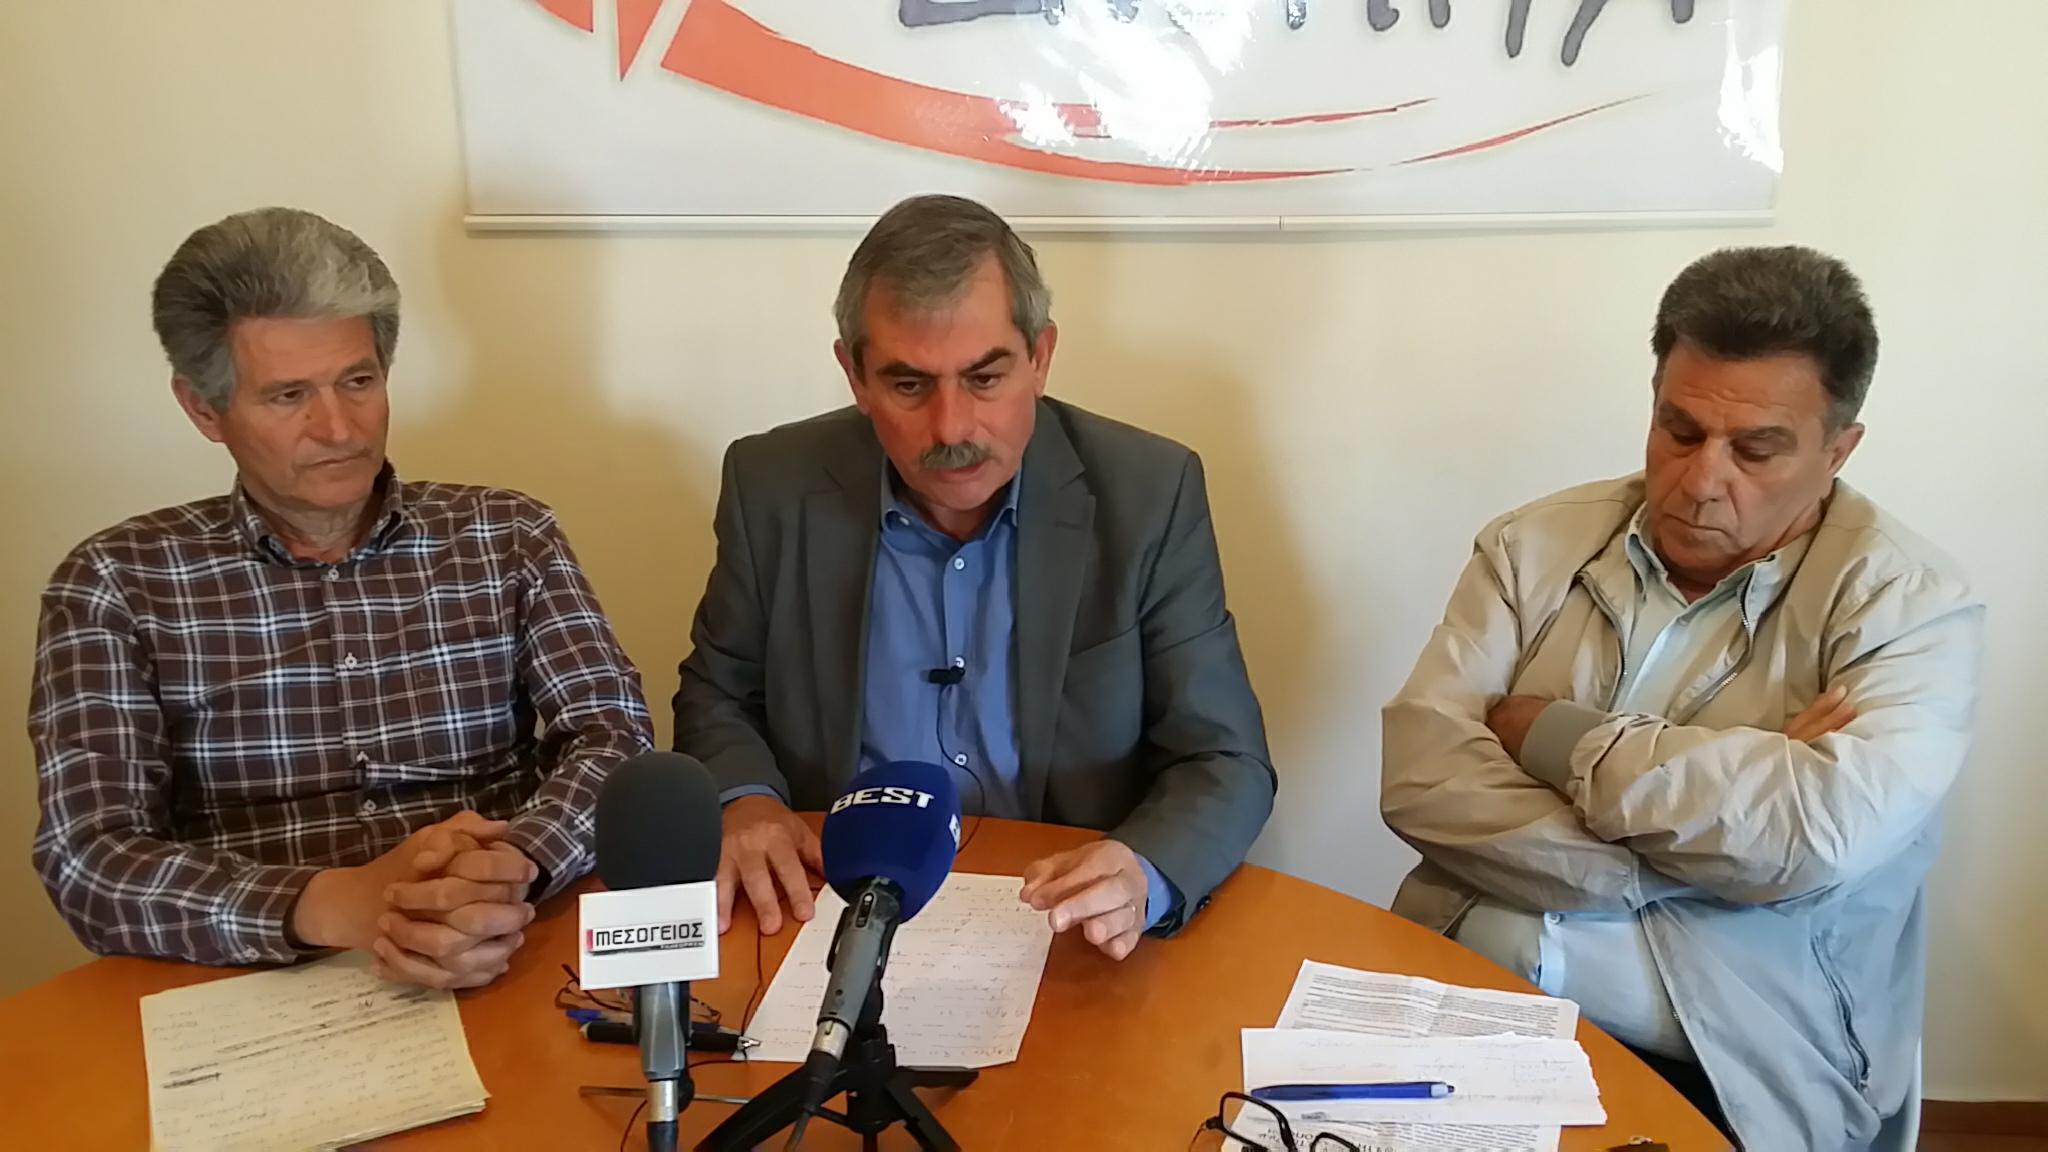 """ΛΑΕ Μεσσηνίας: Κινητοποίηση κατά της εισβολής στη Συρία και του """"αναπτυξιακού νομοσχεδίου"""""""